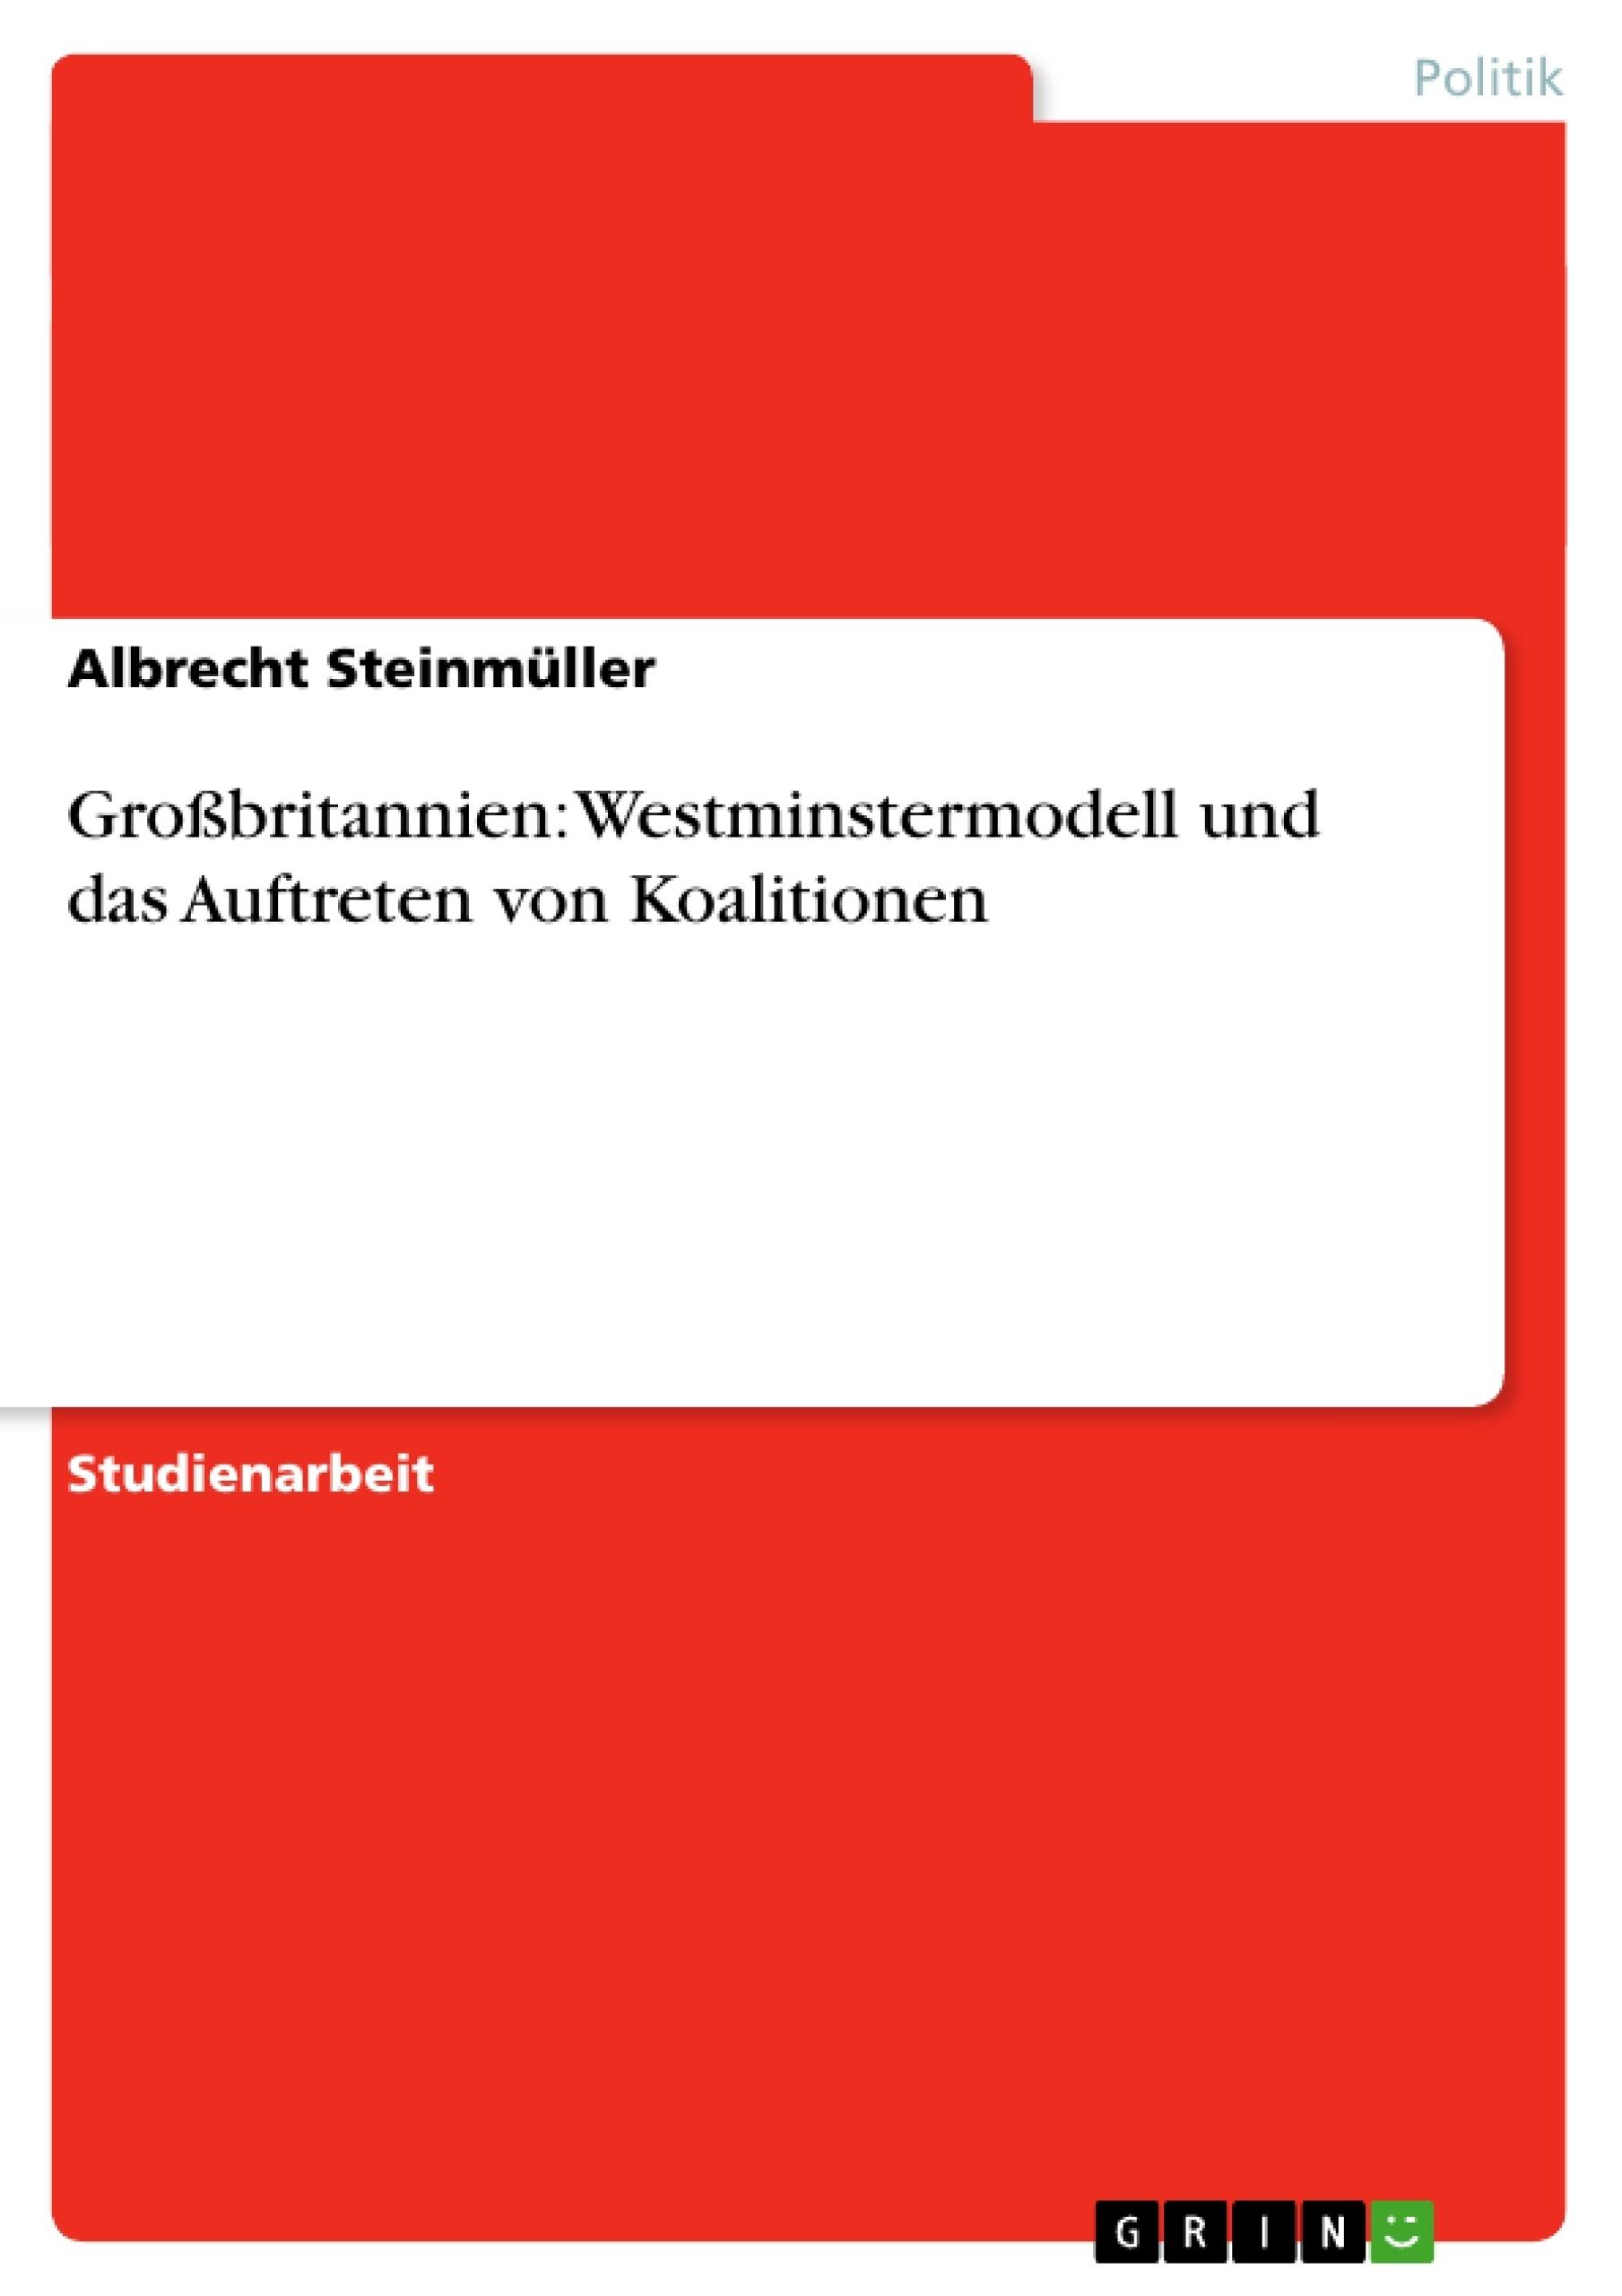 Titel: Großbritannien: Westminstermodell und das Auftreten von Koalitionen